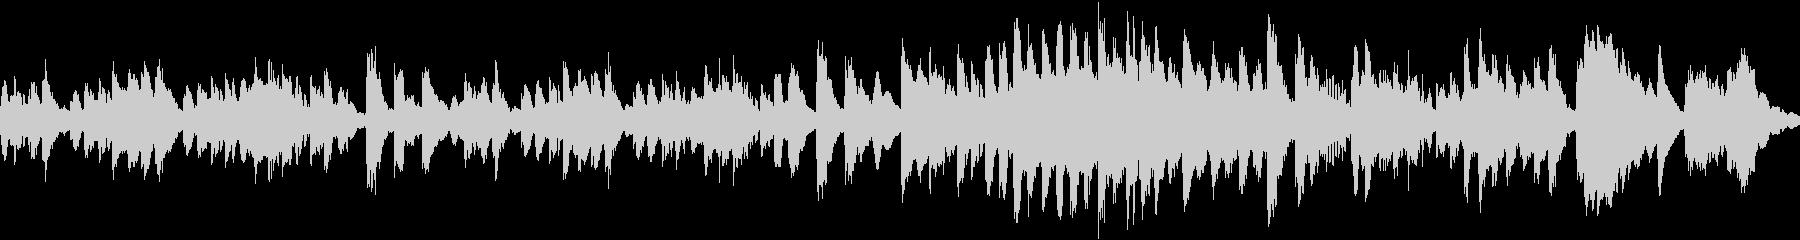 ほのぼのとしたマリンバのソロの未再生の波形